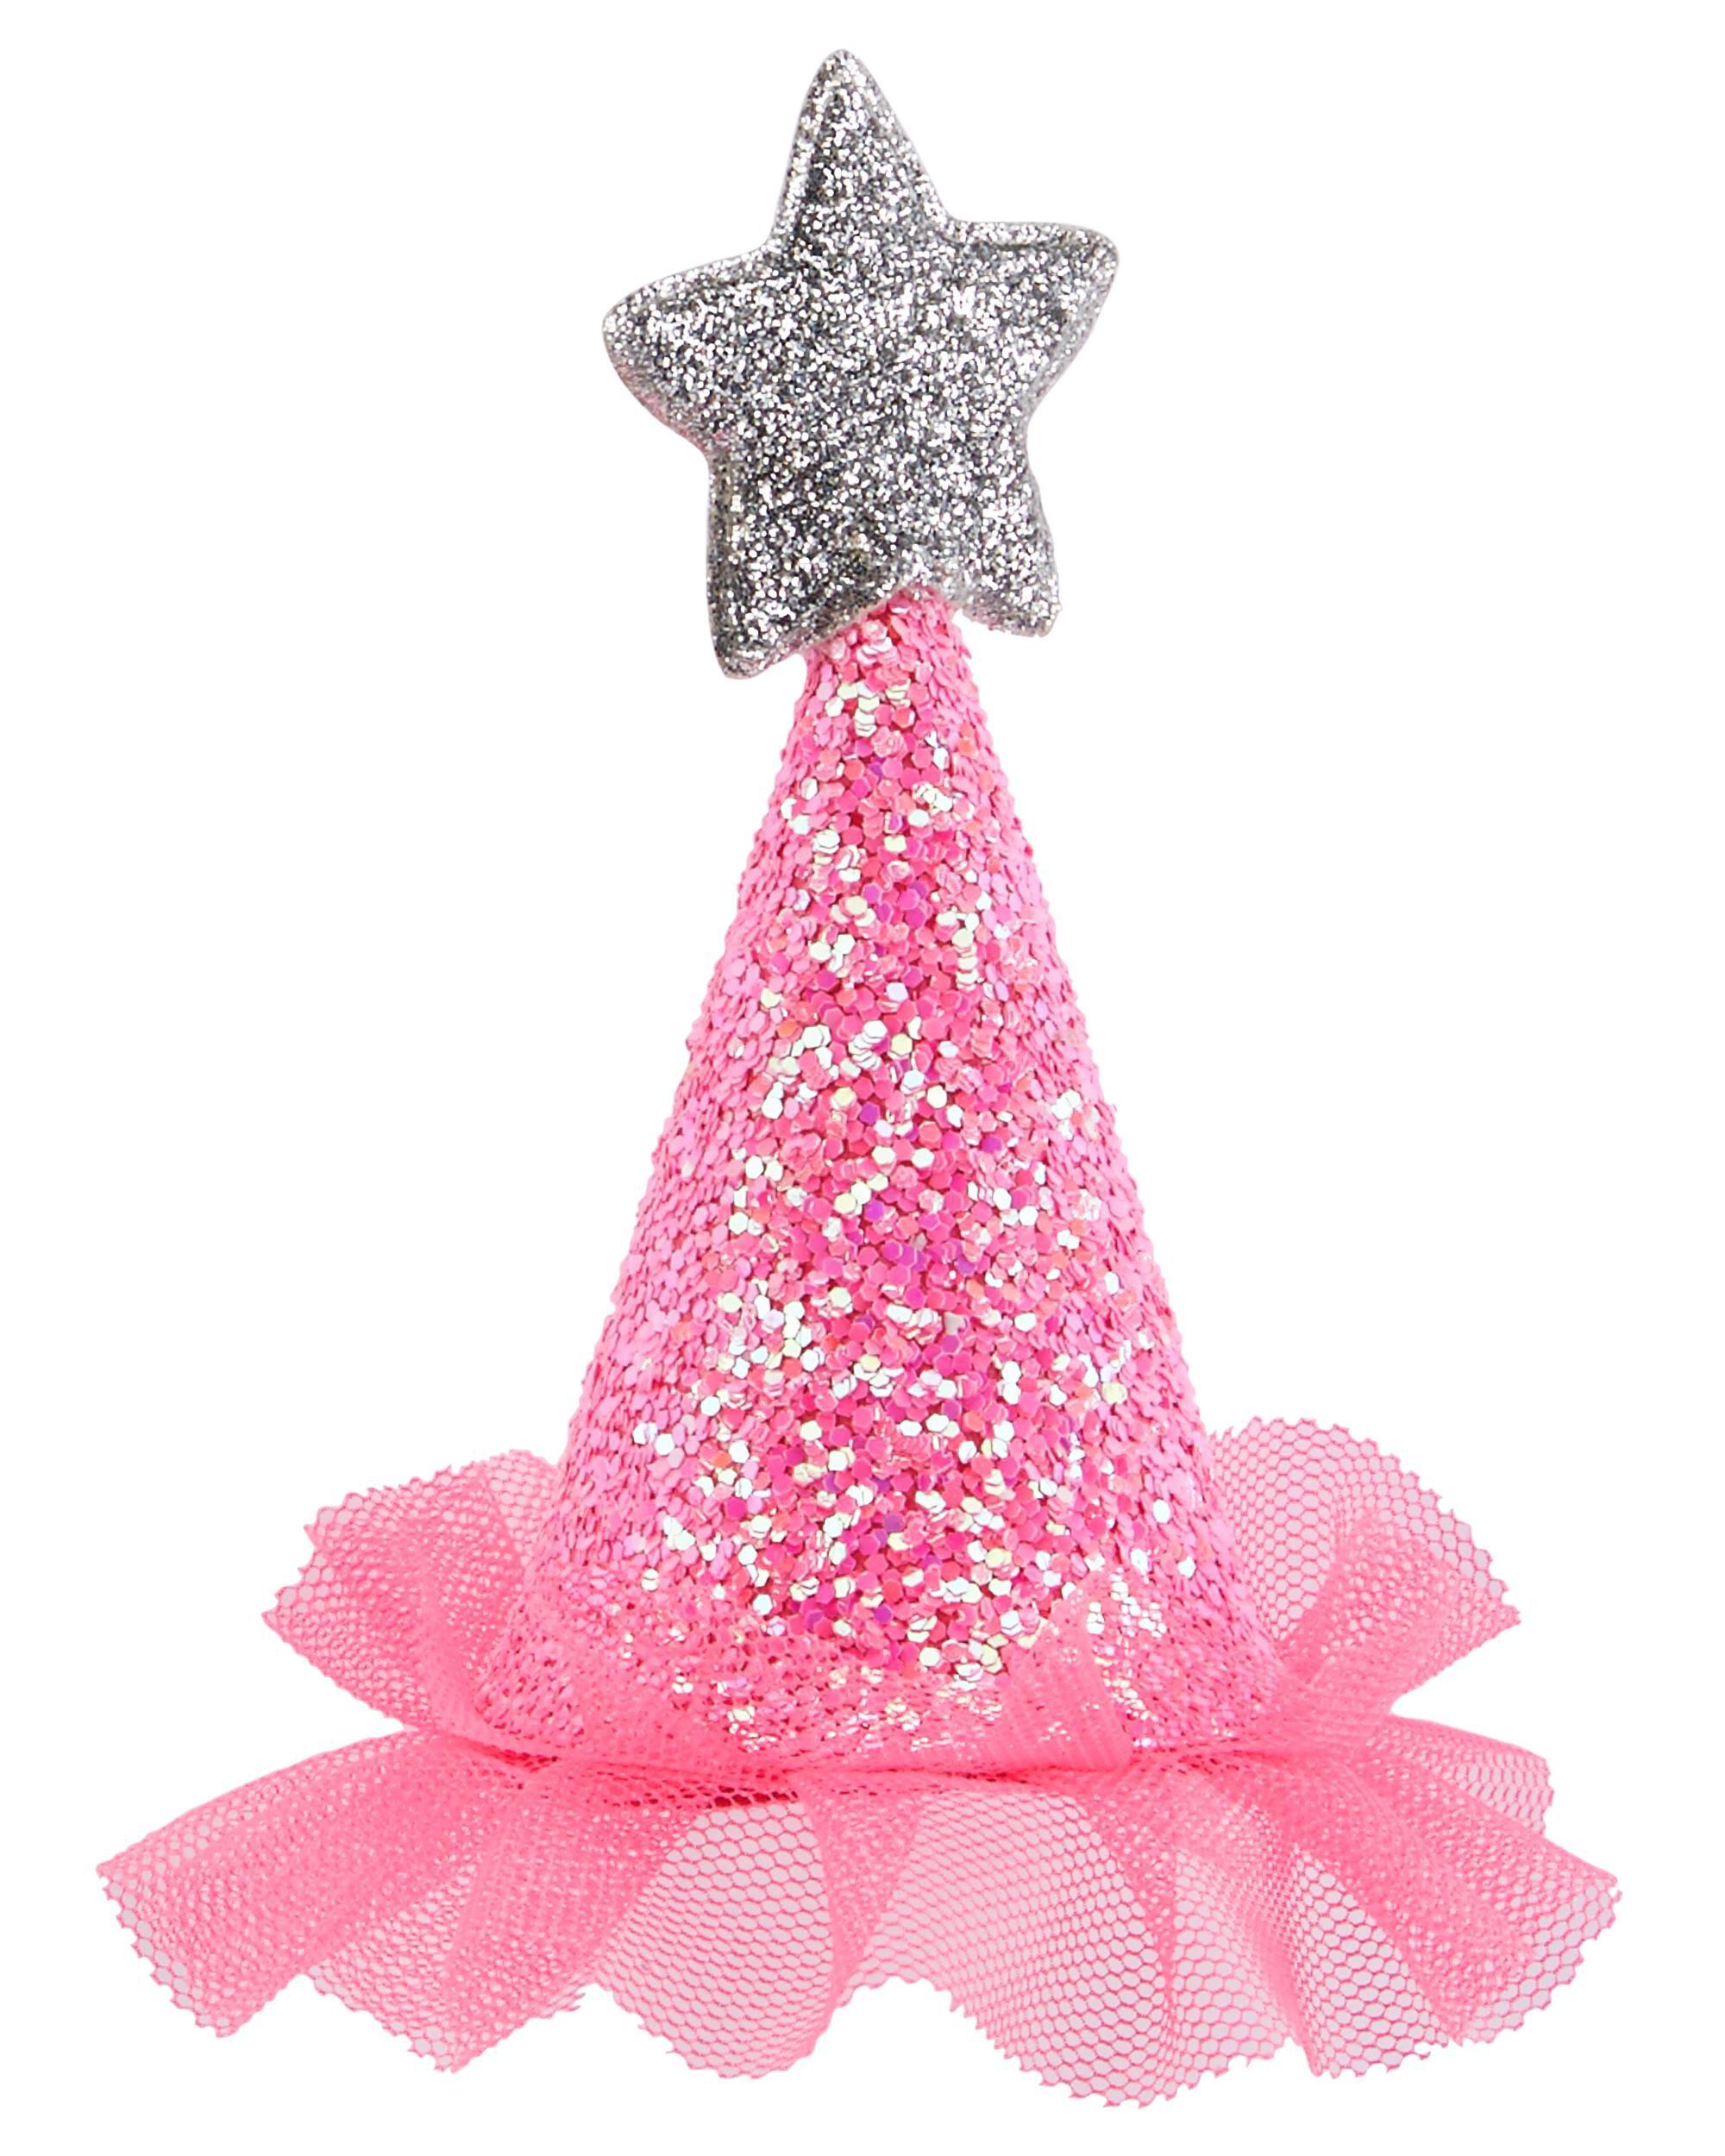 Mini Glitter Birthday Hat Clip | OshKosh.com